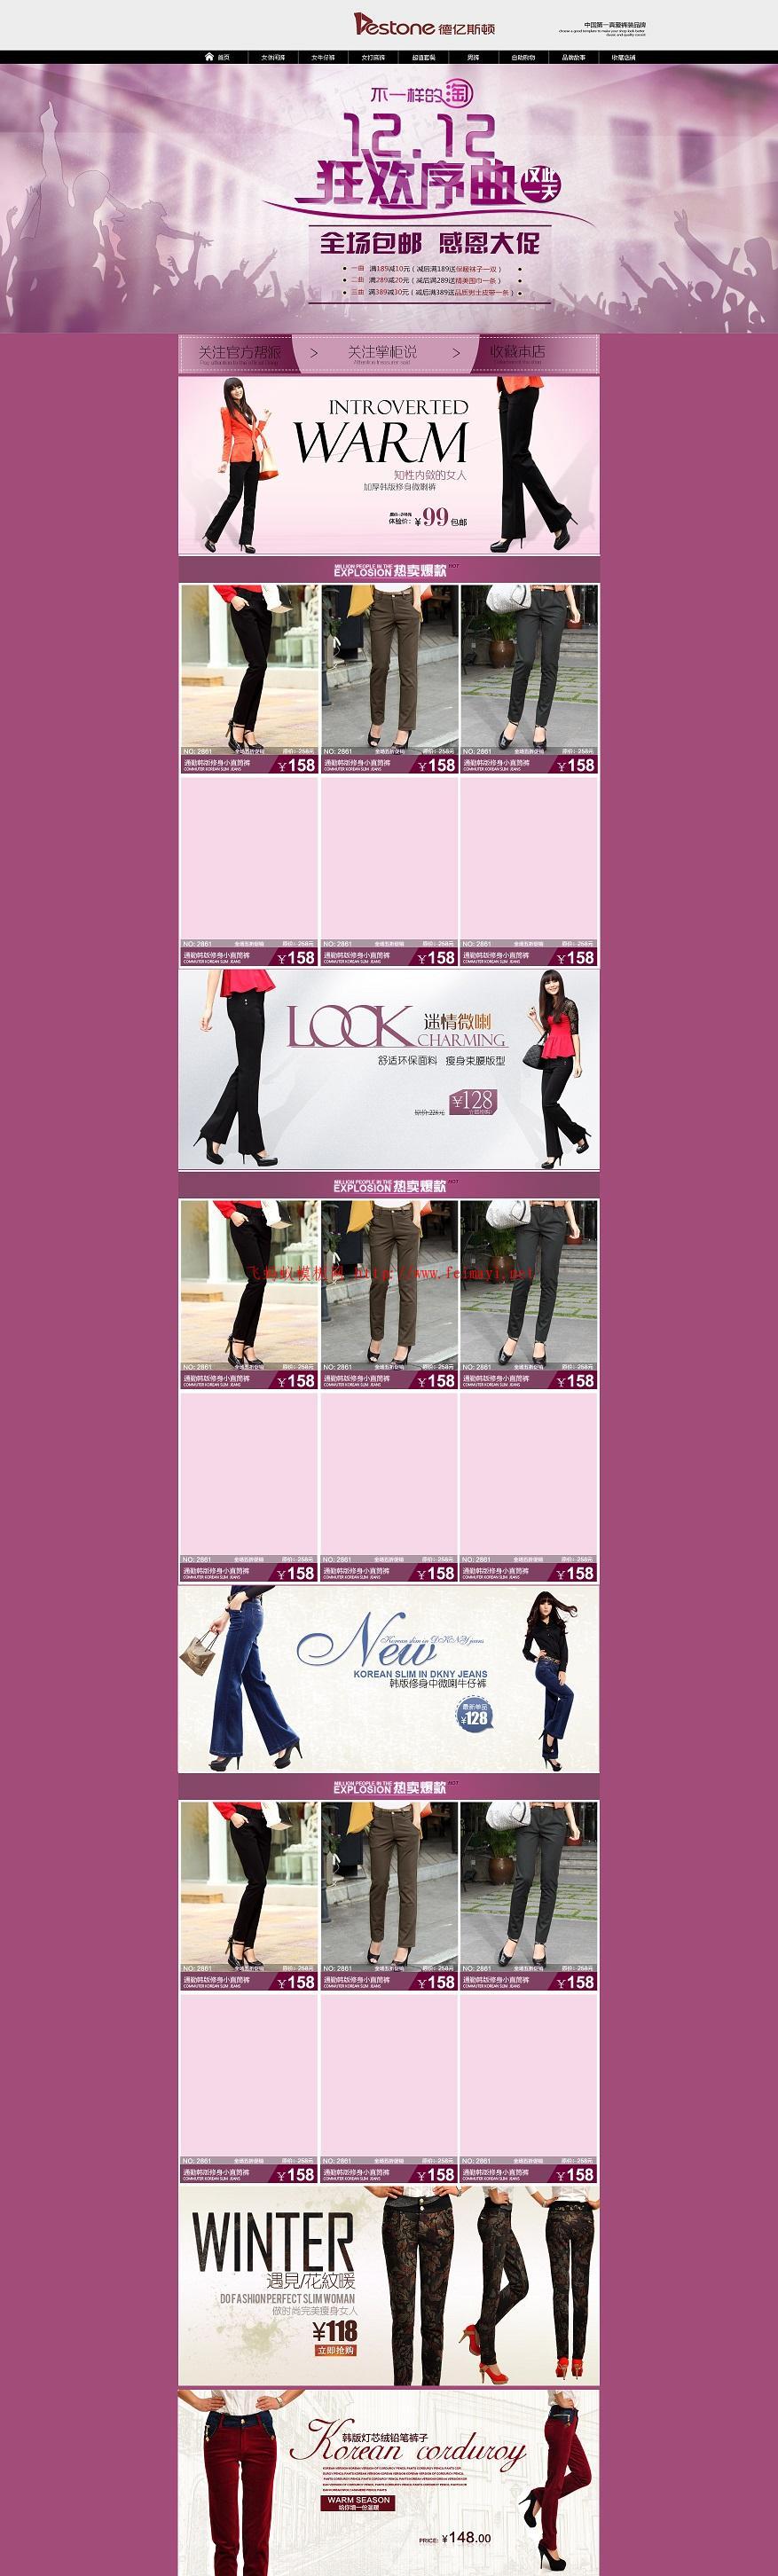 双十二节日紫色系列淘宝首页女装psd行业通用PSD素材女装模板免费下载